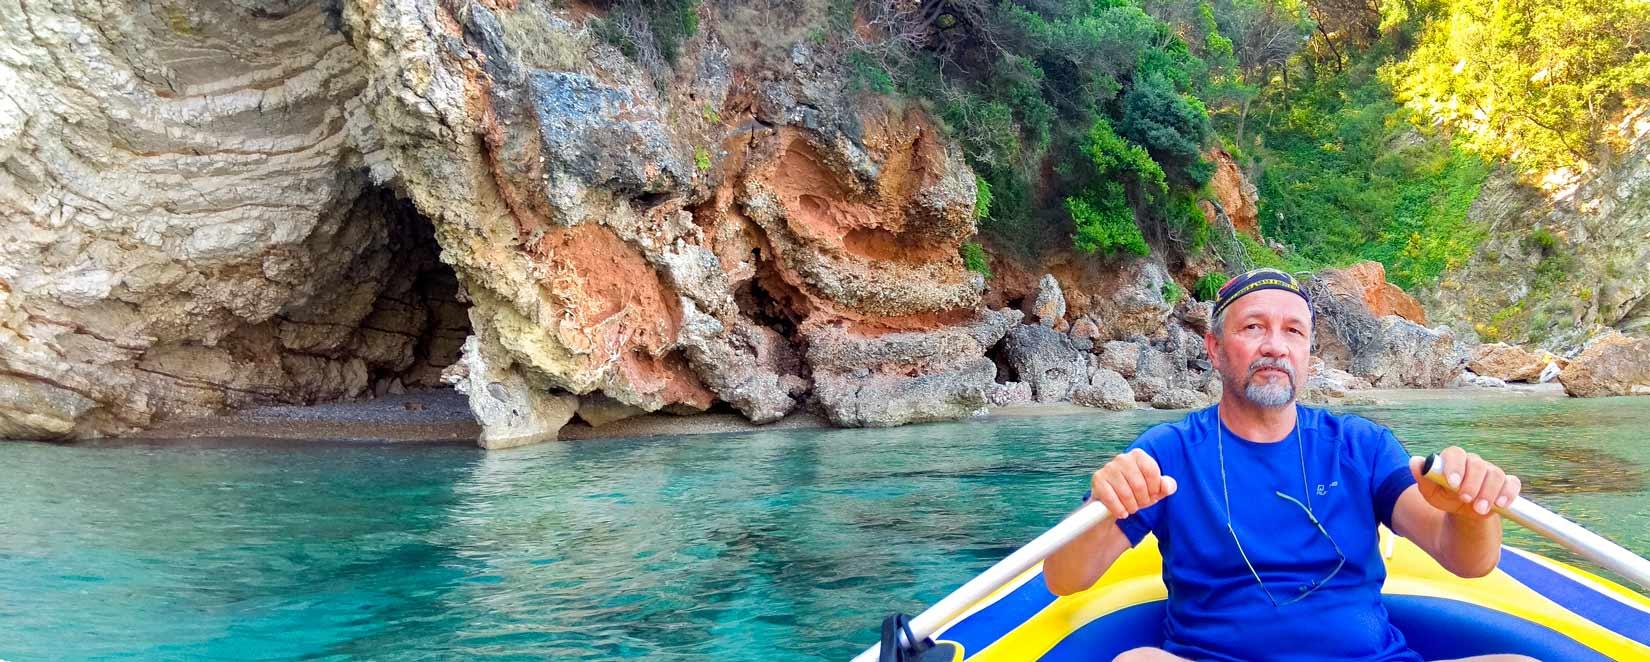 Malá jeskyně kousek za pláží Glyko, pár desítek metrů před pláží Rovinia